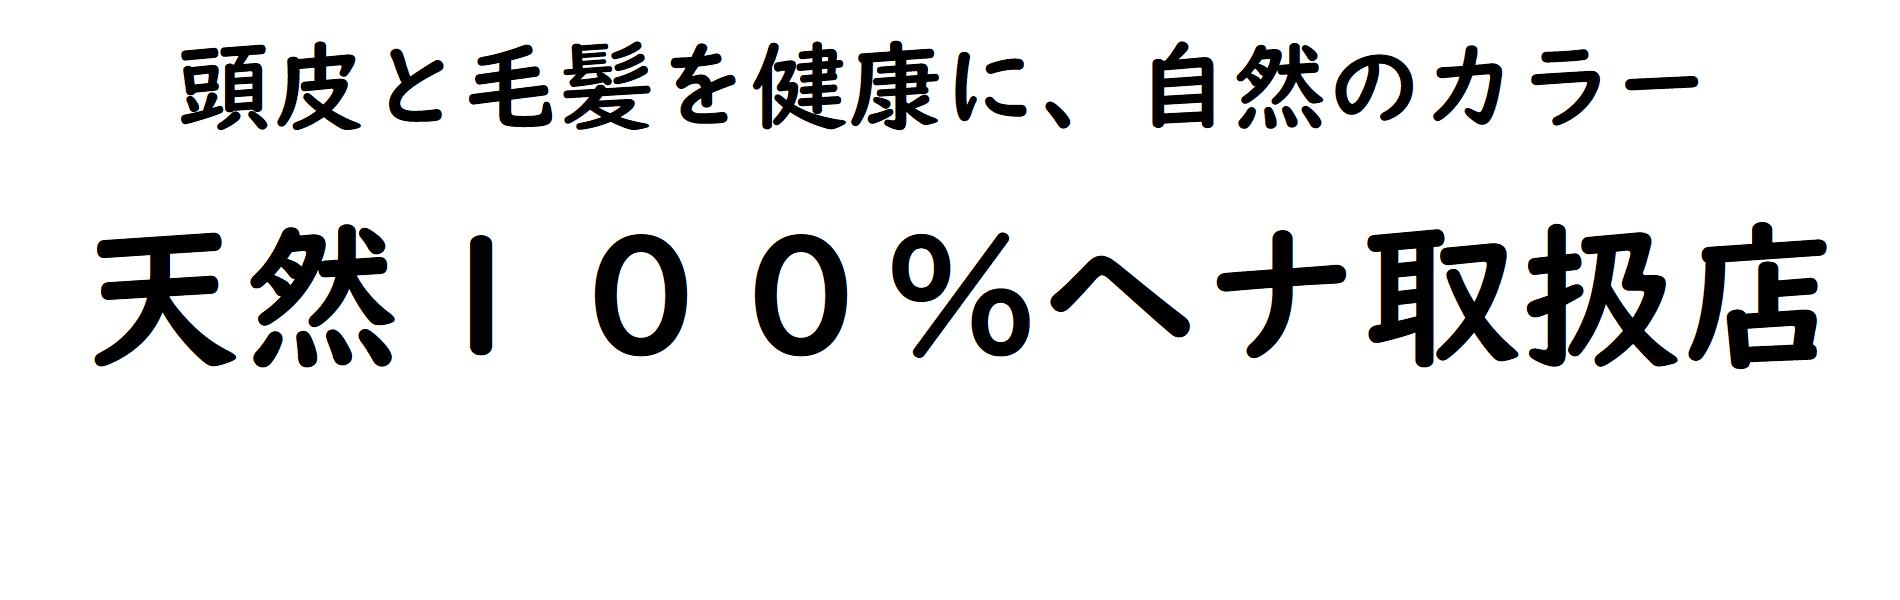 天然100%ヘナ伊丹美容室